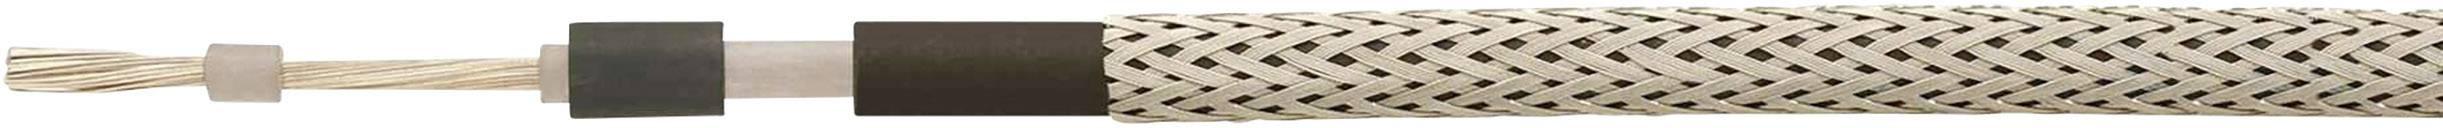 Fotovoltaický kabel SOLARFLEX®-X H1Z2Z2-K 1 x 4 mm² černá, nerezová ocel Helukabel 17000101 metrové zboží